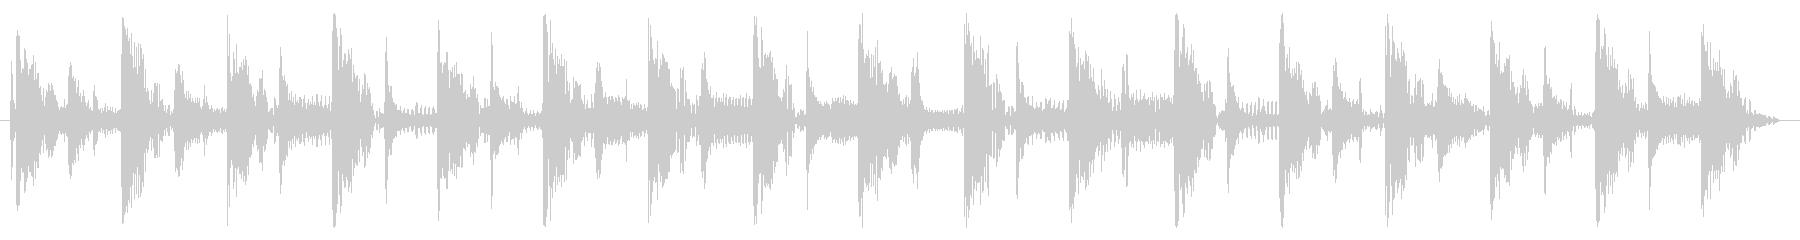 ベース生演奏のクールスラップジングル05の未再生の波形